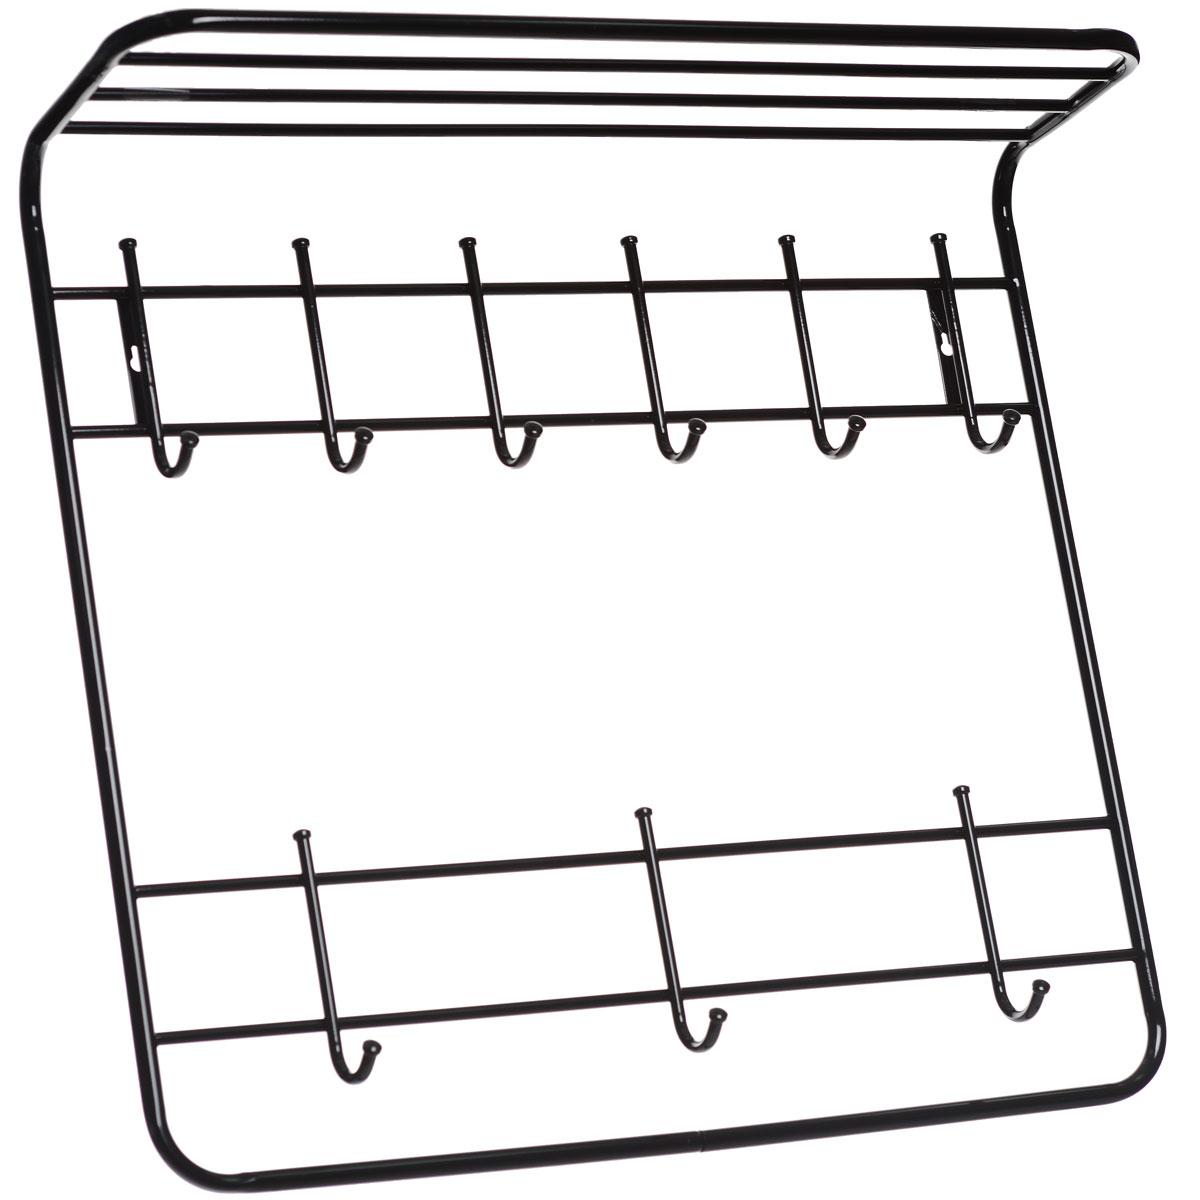 Вешалка ЗМИ, 2-х ярусная, цвет: черный, 80 х 75 х 20 смВСП 9Металлическая вешалка с полимерным покрытием ЗМИ имеет два яруса крючков. Первый ярус имеет 3 крючка, на которые удобно вешать сумки и зонты. Второй ярус имеет 6 крючков, предназначенных для одежды и шарфов. Вешалка оснащена полкой, на которой можно поместить шапки и перчатки. Крепится к стене при помощи двух шурупов (не входят в комплект). Вешалка ЗМИ идеально подходит для маленьких прихожих и ограниченных пространств. Размер вешалки: 80 см х 75 см х 20 см.